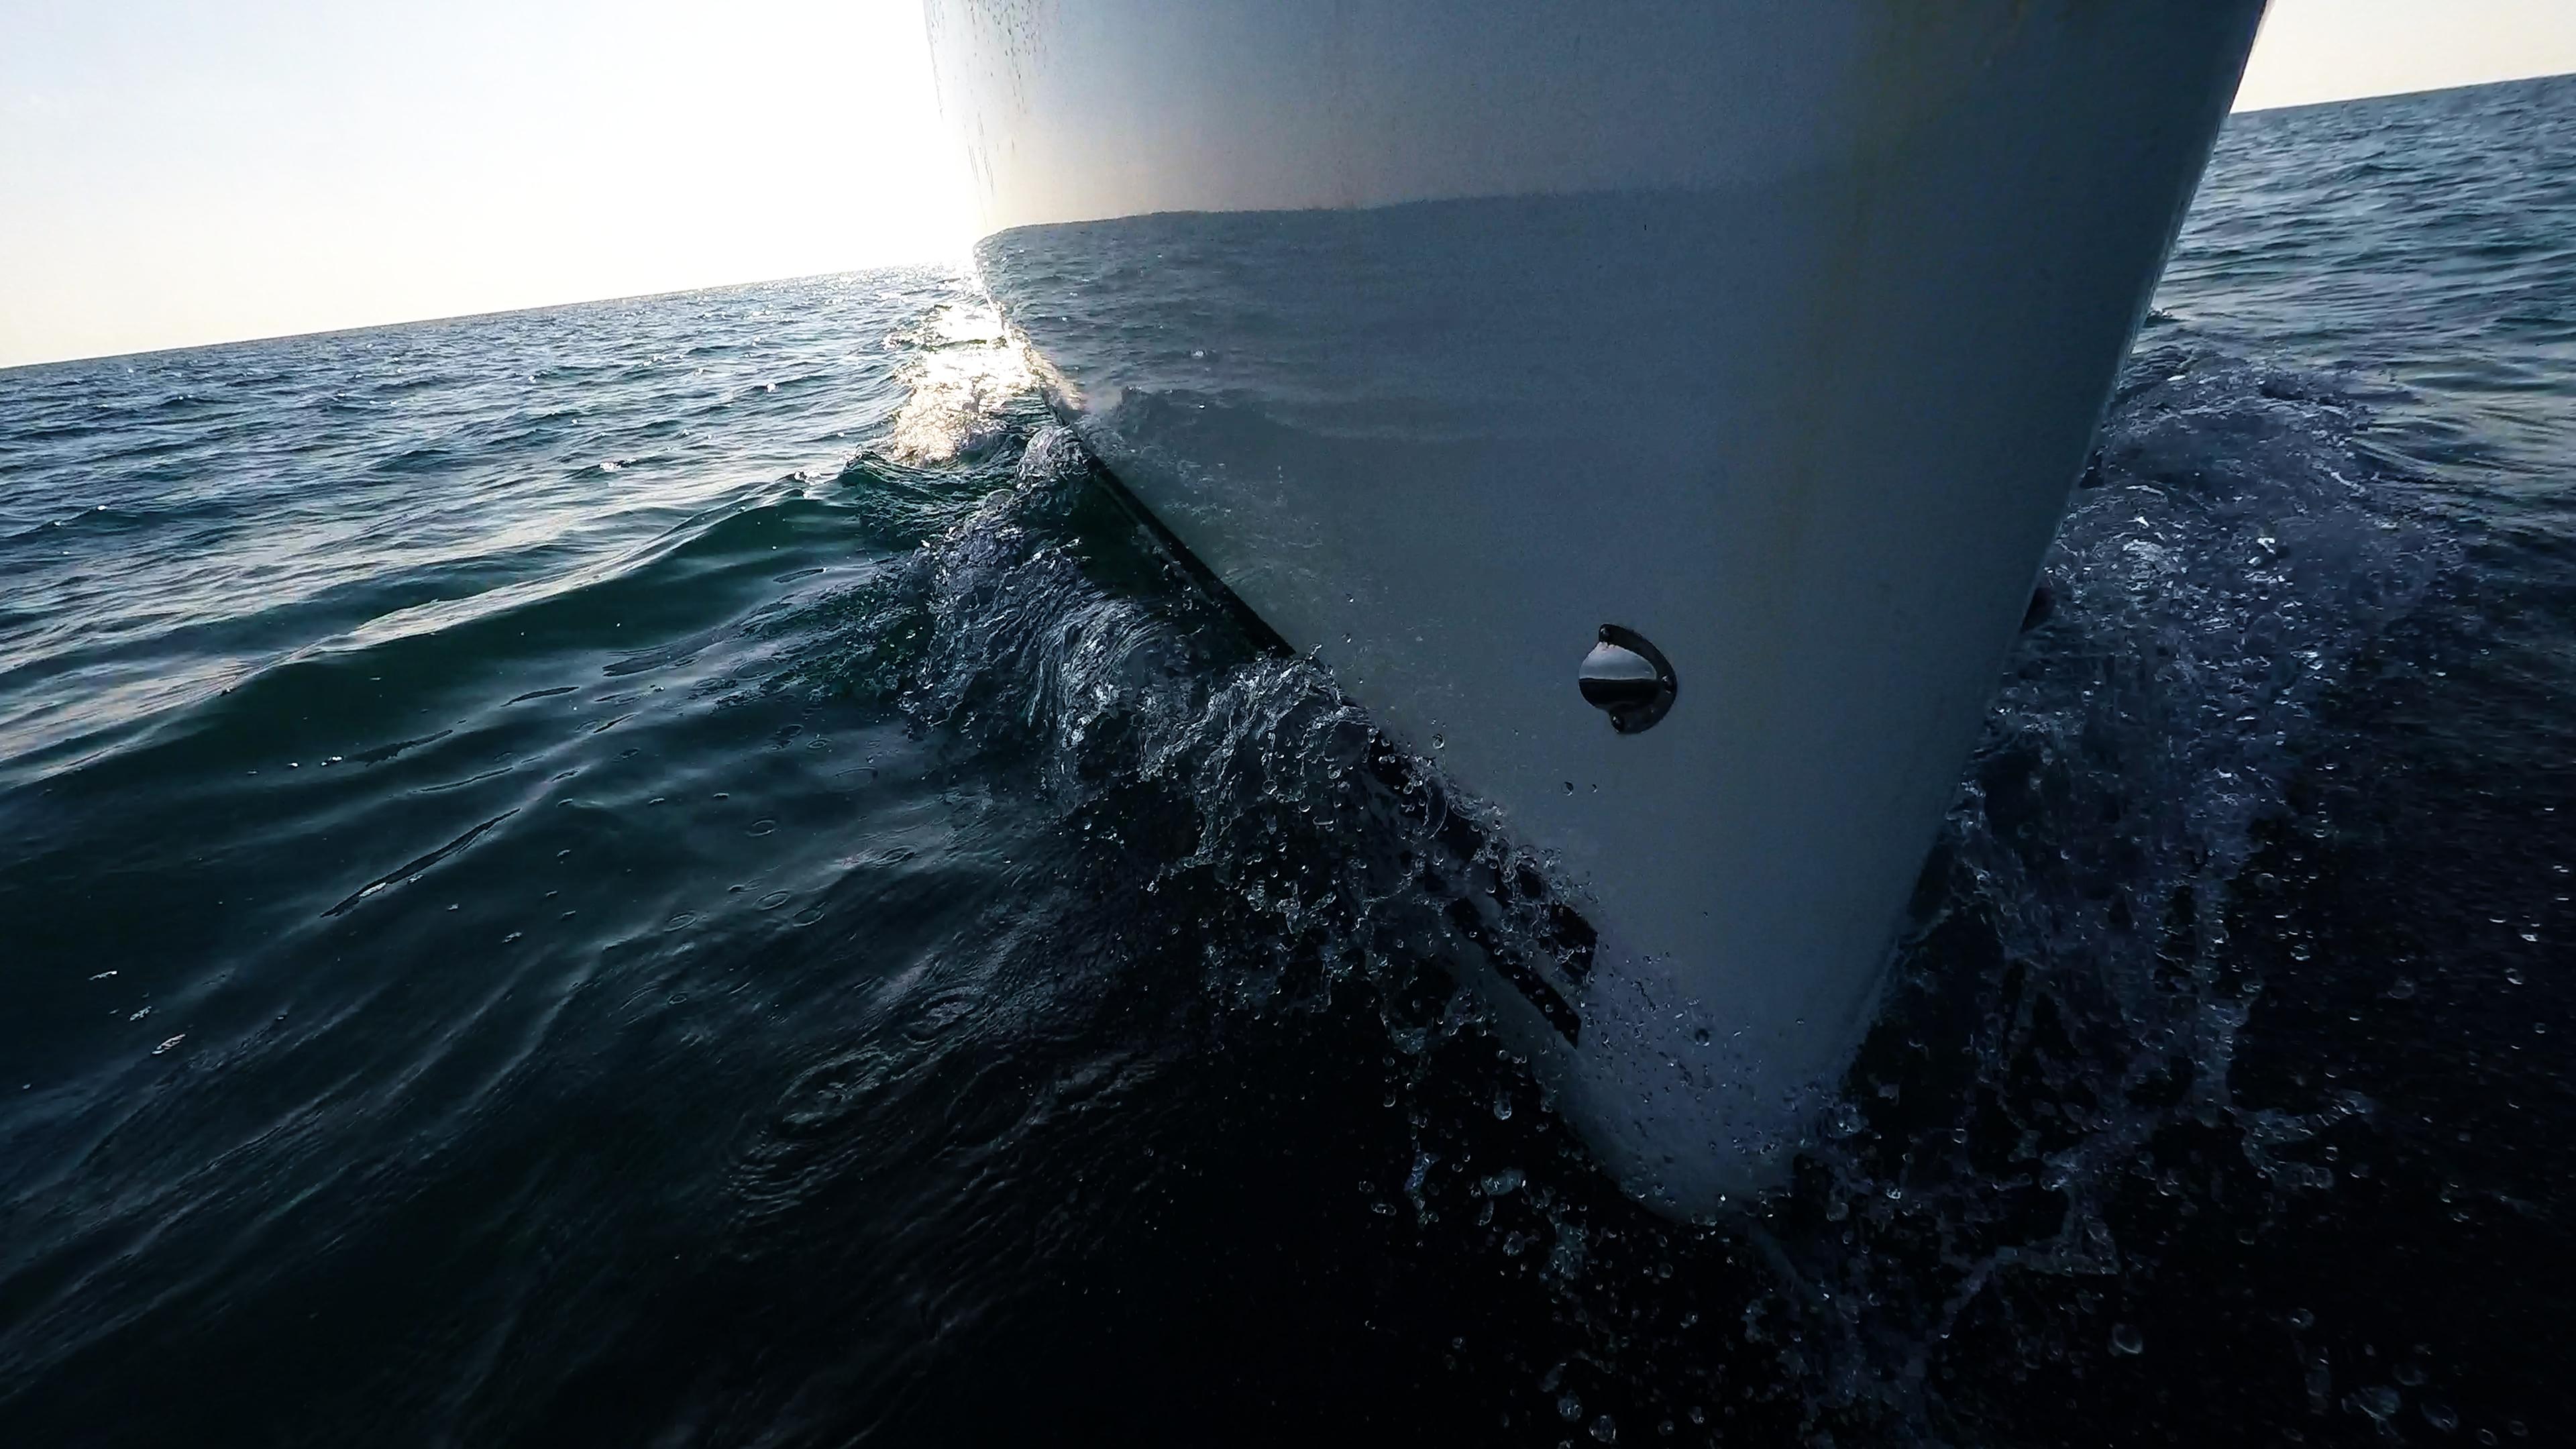 barcha a vela bavaria 46 prua di yacht a vela linea di galleggiamento onda superficie del mare